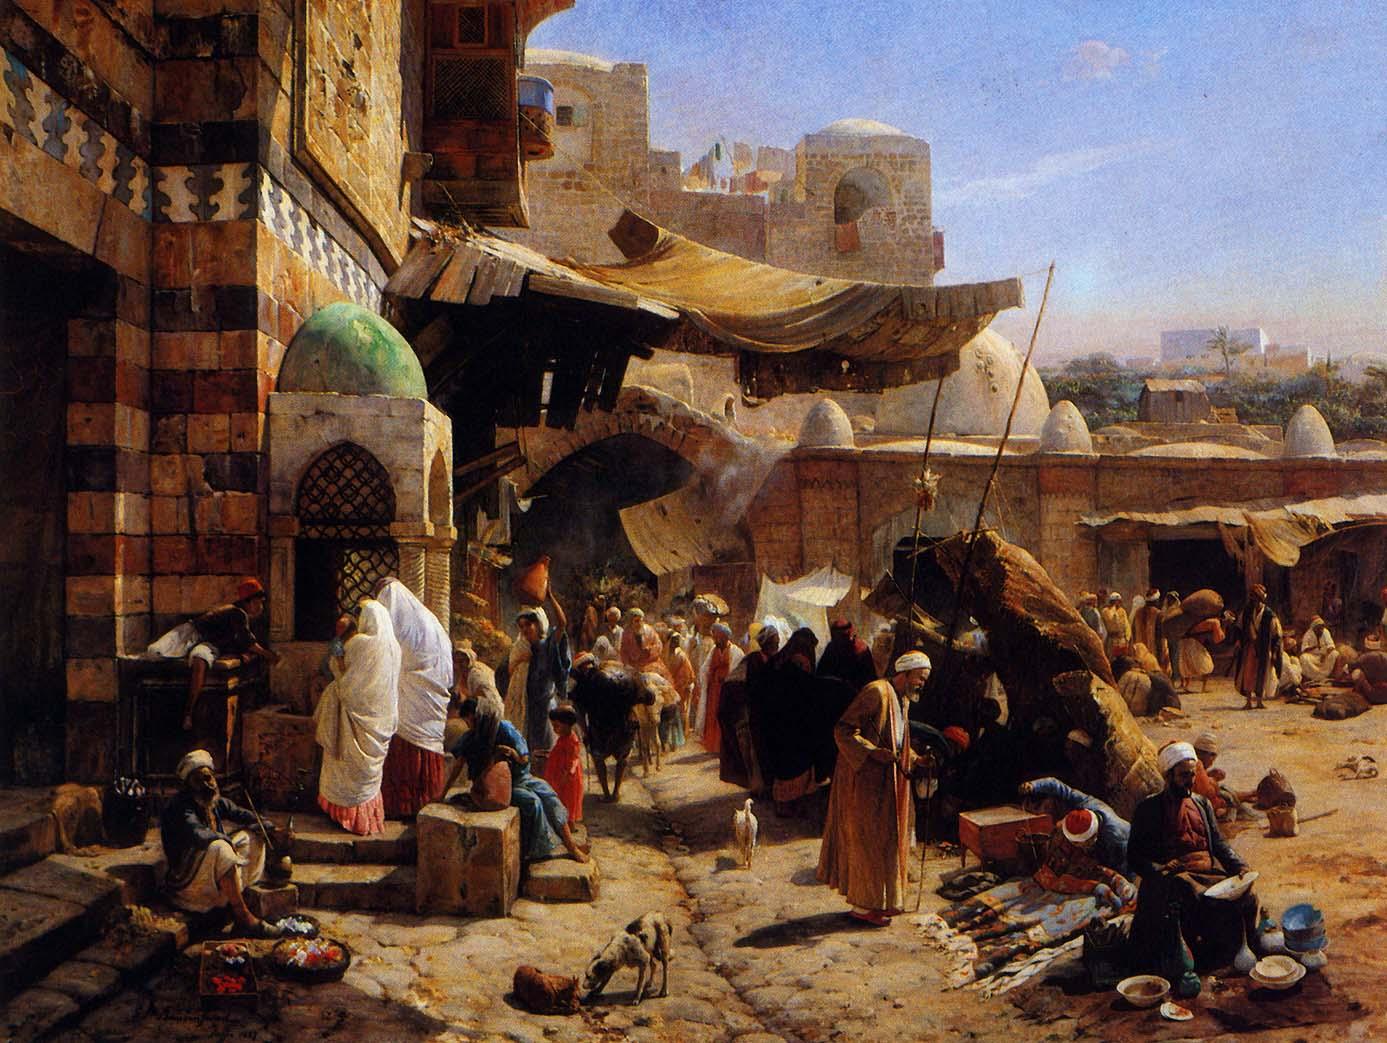 Markt jaffa gustav bauernfeind1887